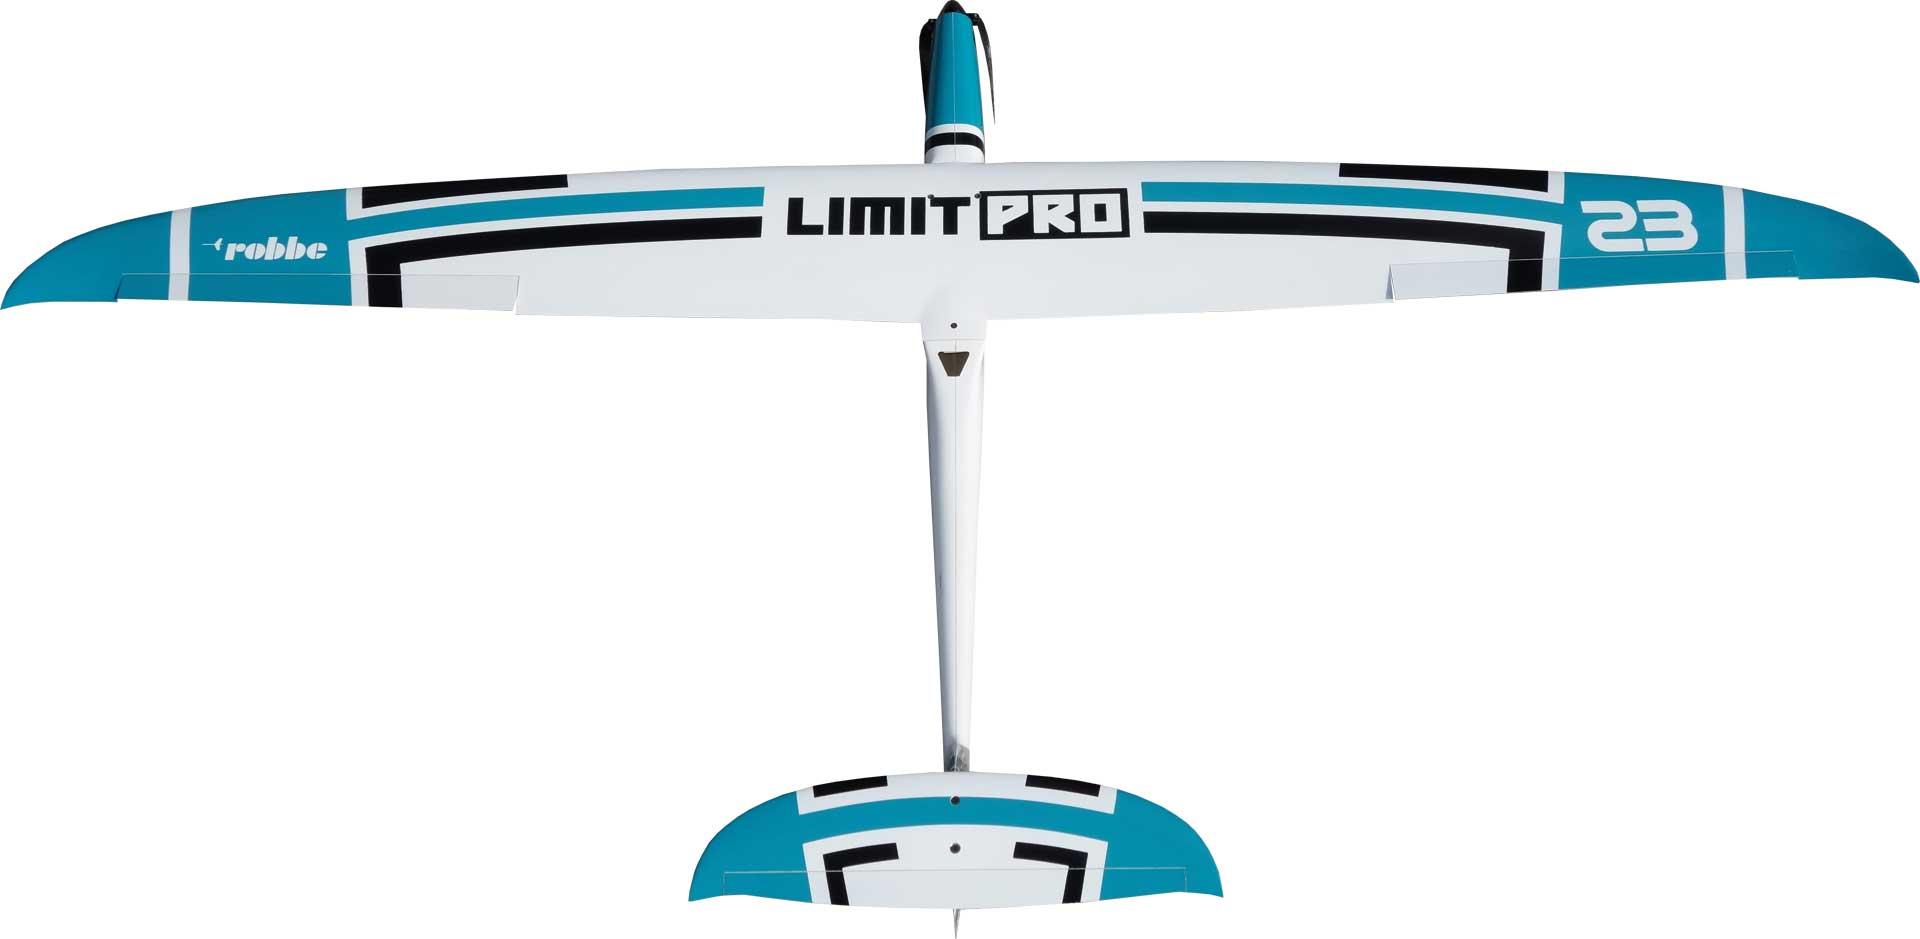 Robbe Modellsport Limit Pro PNP PETROL mit eingebauten Servos und Antrieb, Voll-GfK/CfK